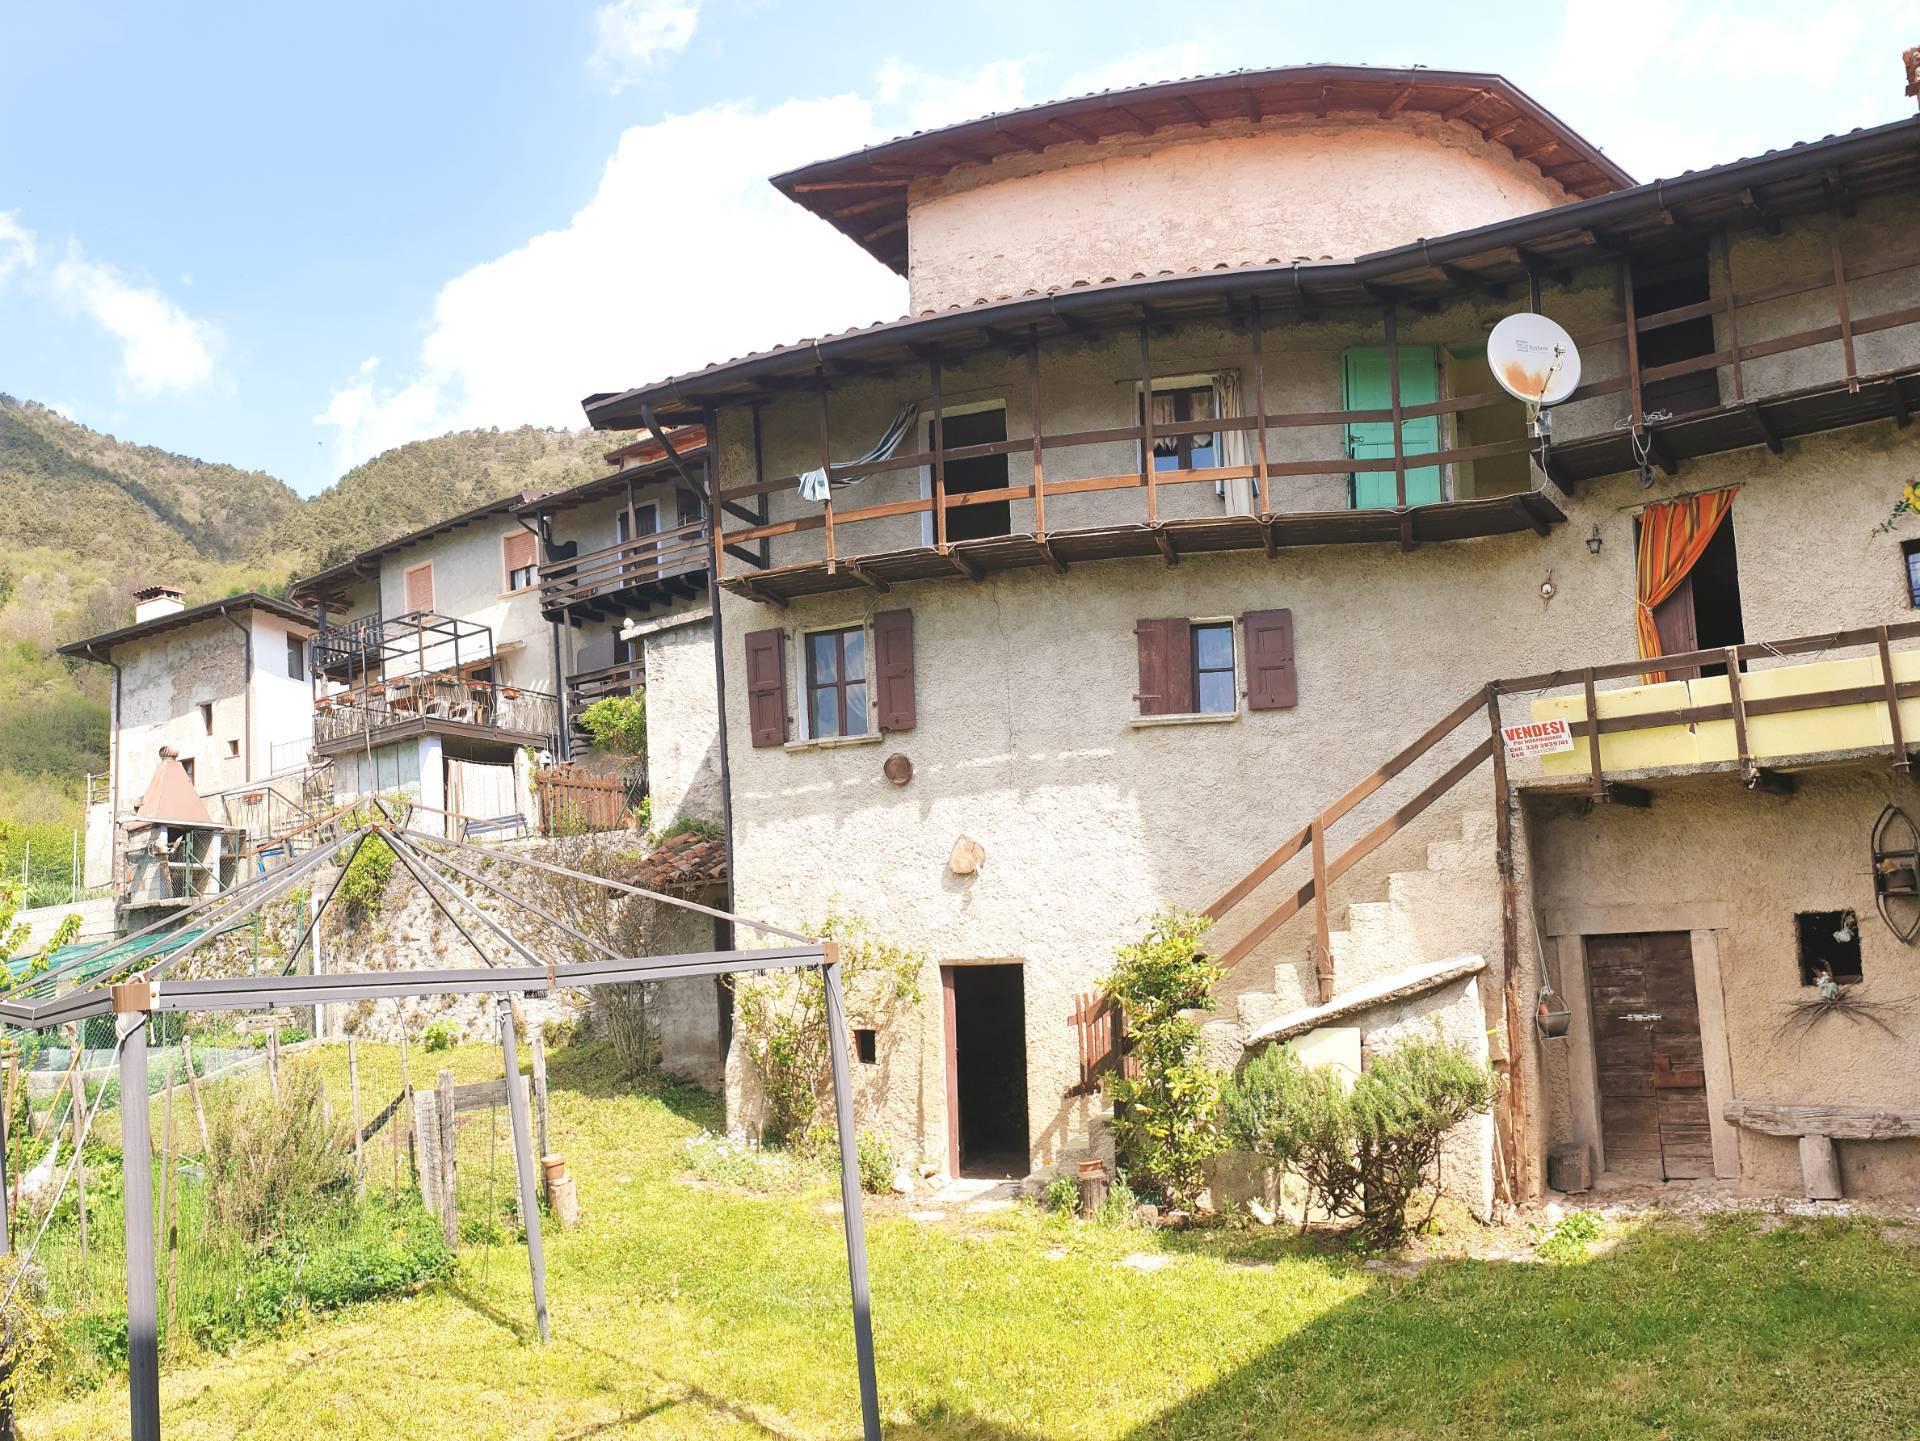 Soluzione Indipendente in vendita a Gargnano, 5 locali, zona Zona: Navazzo, prezzo € 99.000 | CambioCasa.it